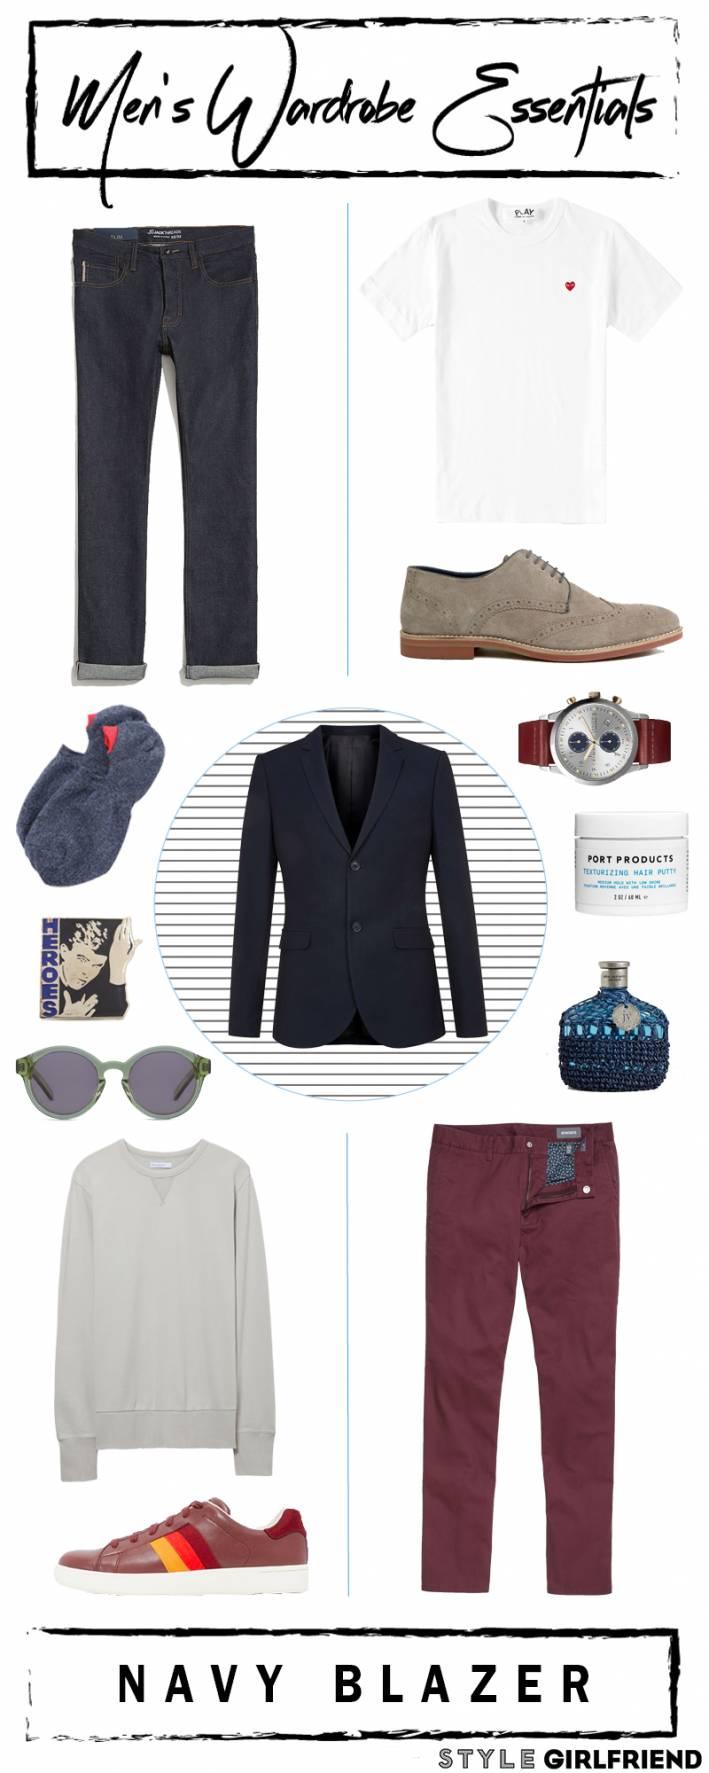 navy blazer, men's wardrobe essentials, how to wear navy blazer